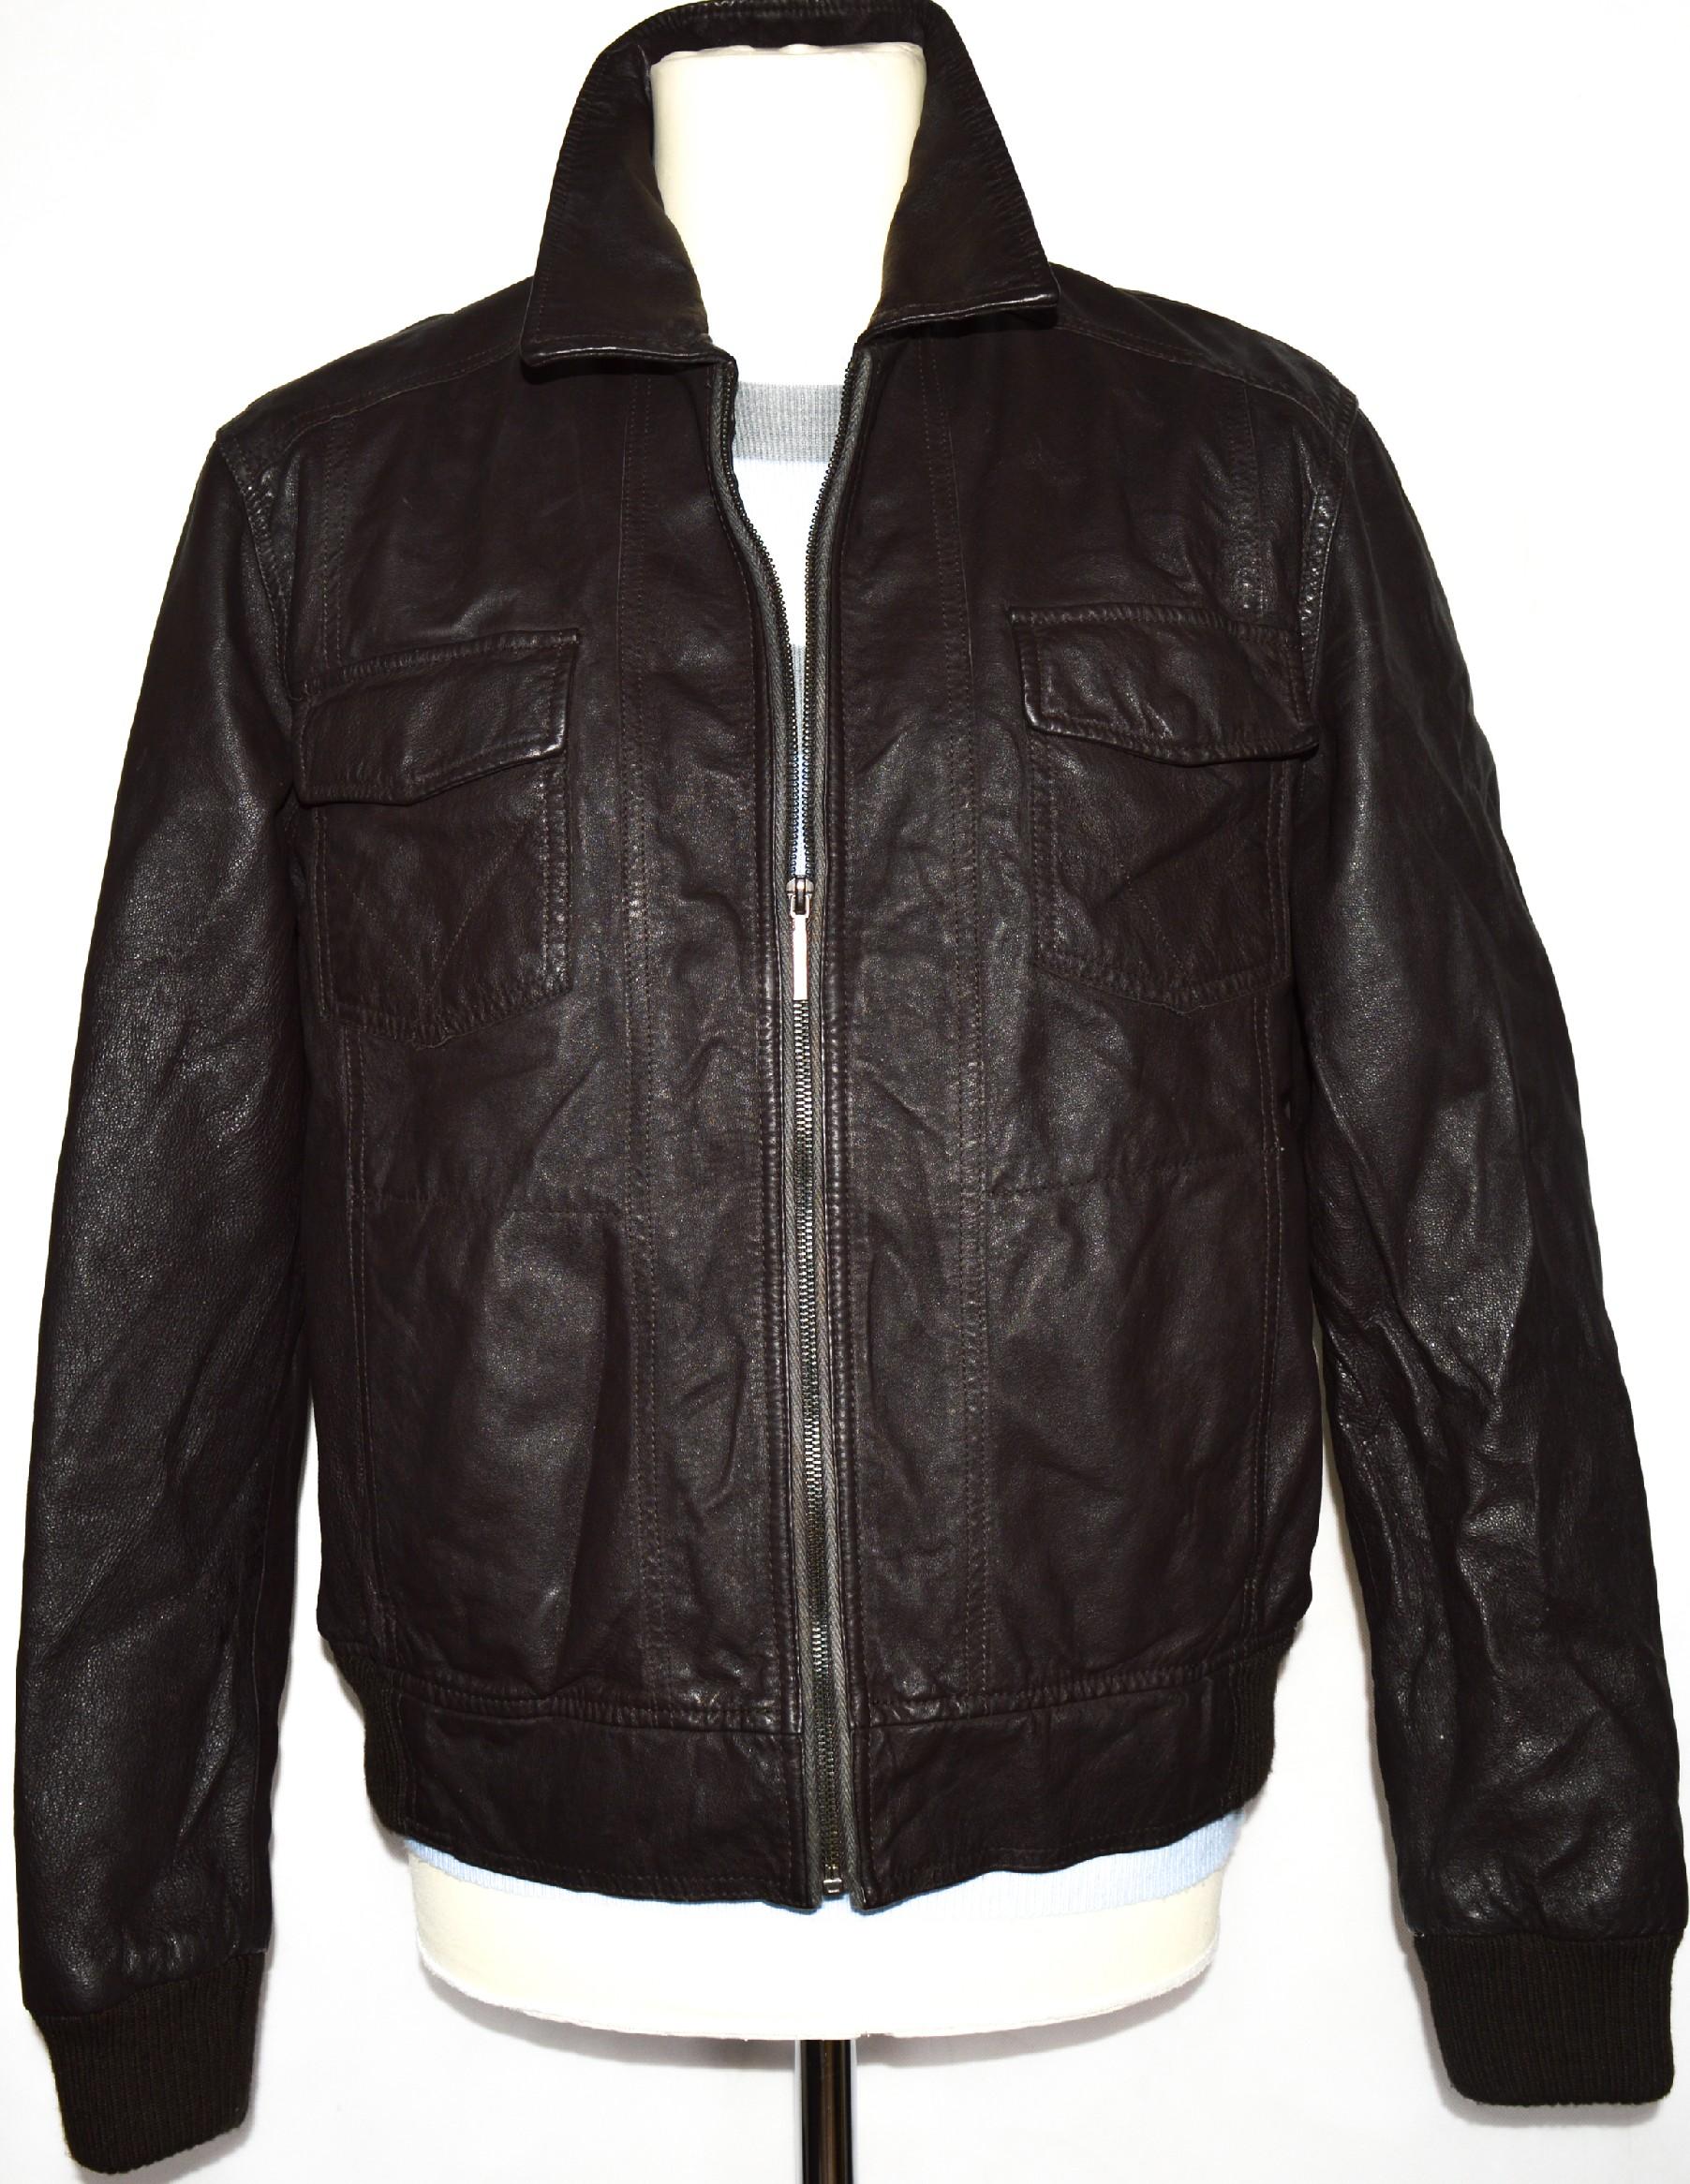 KOŽENÁ pánská hnědá bunda na zip OUTRAGE LONDON M